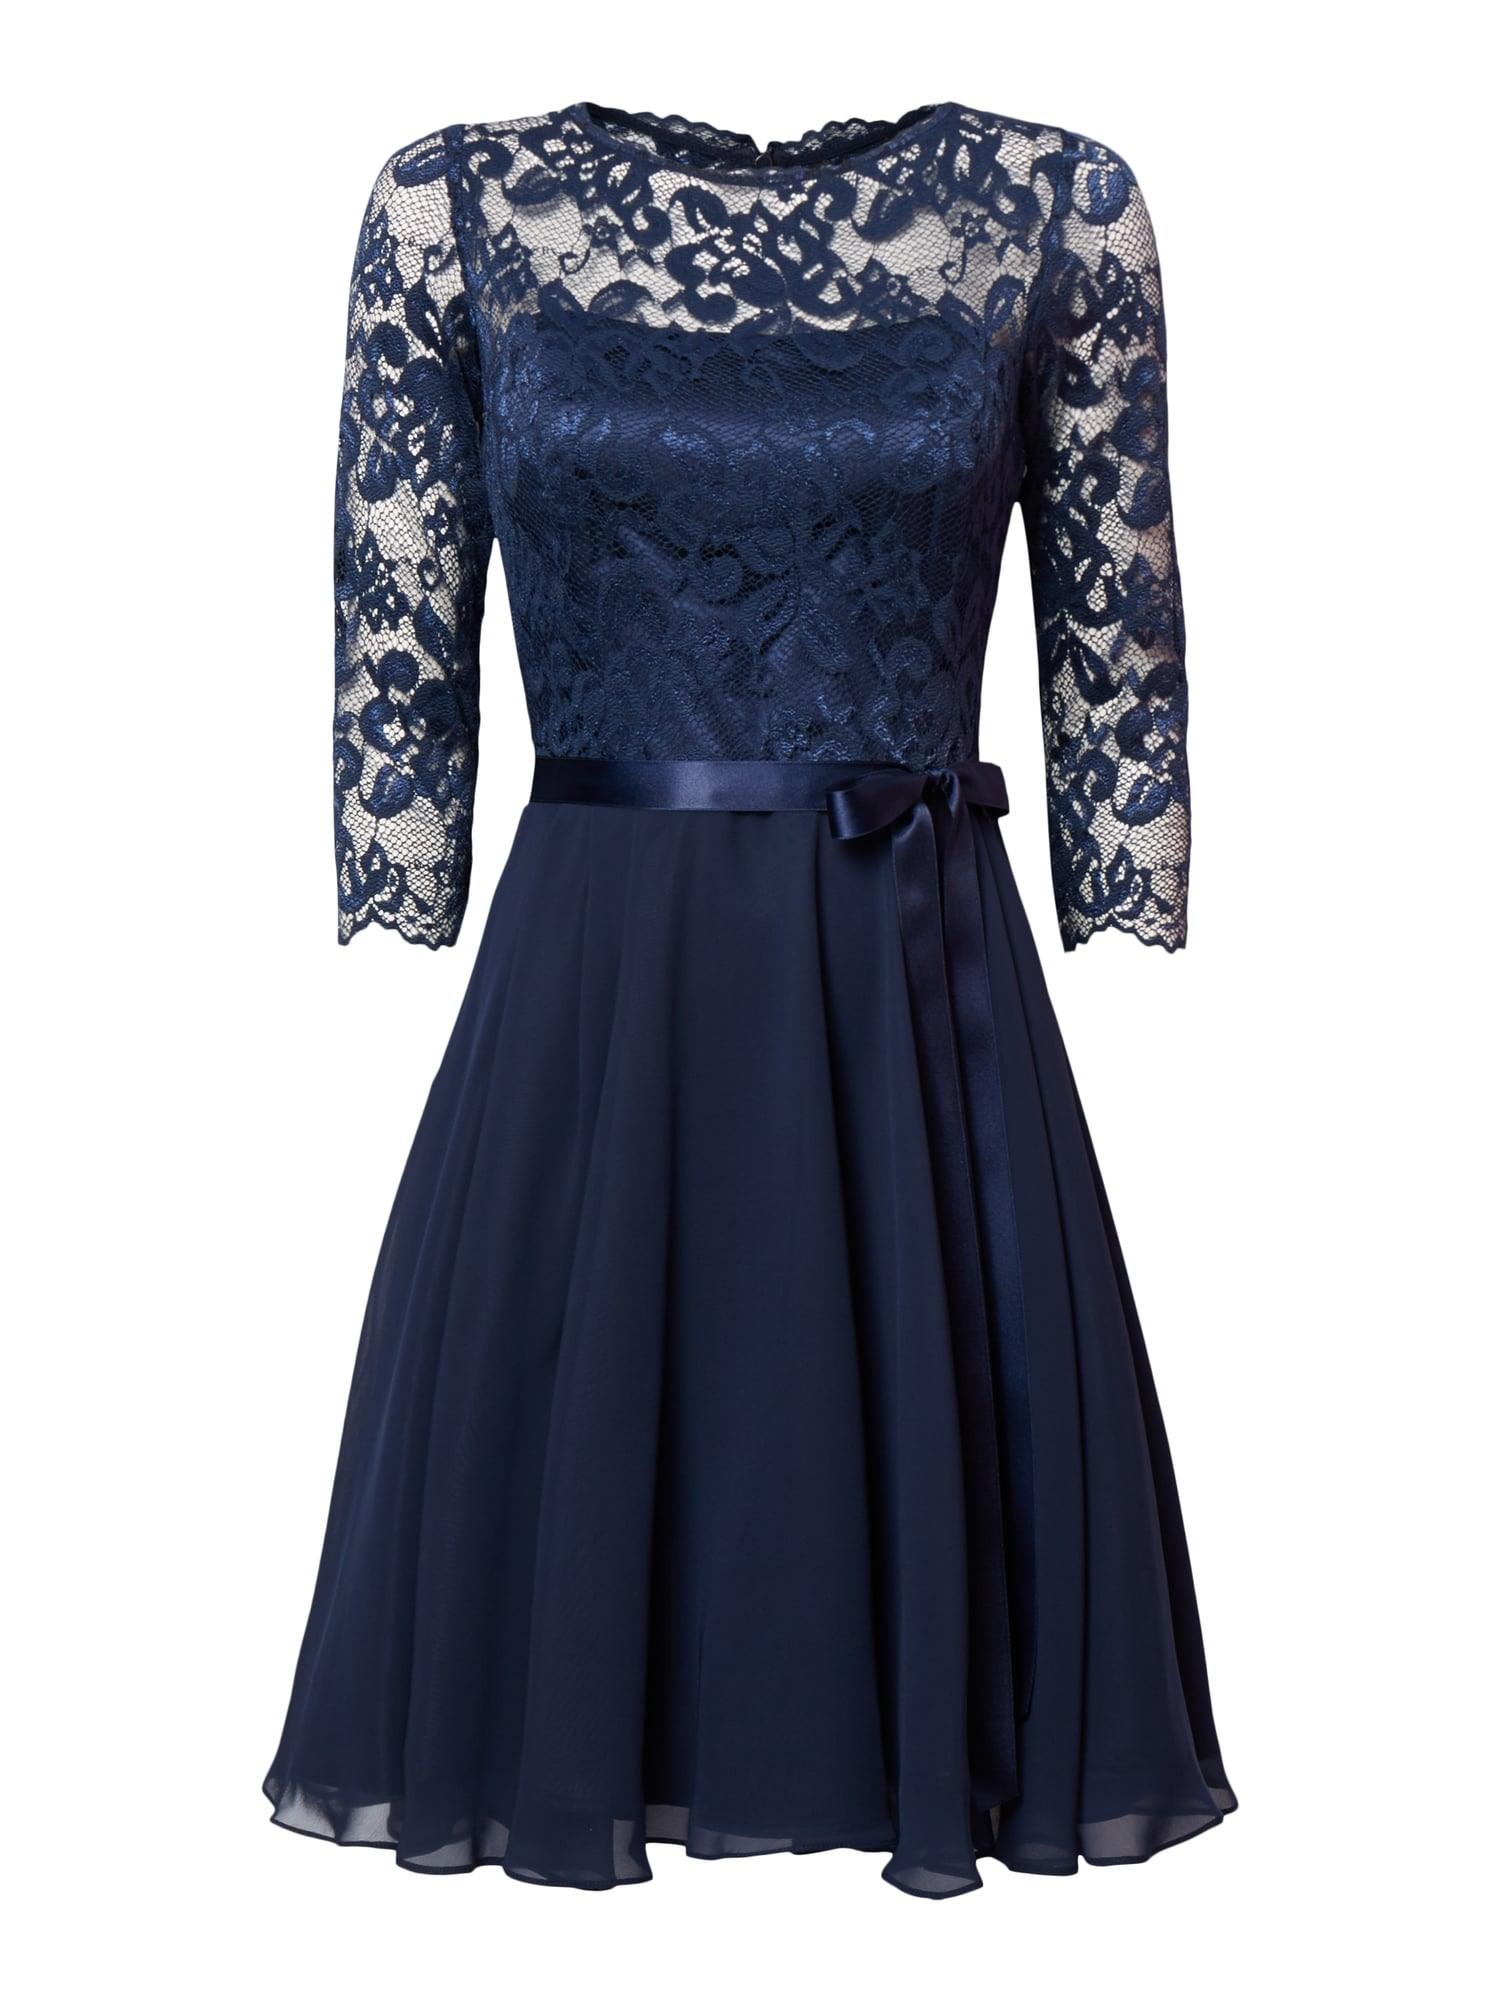 15 Leicht Kleid Blau Mit Spitze VertriebAbend Elegant Kleid Blau Mit Spitze Boutique